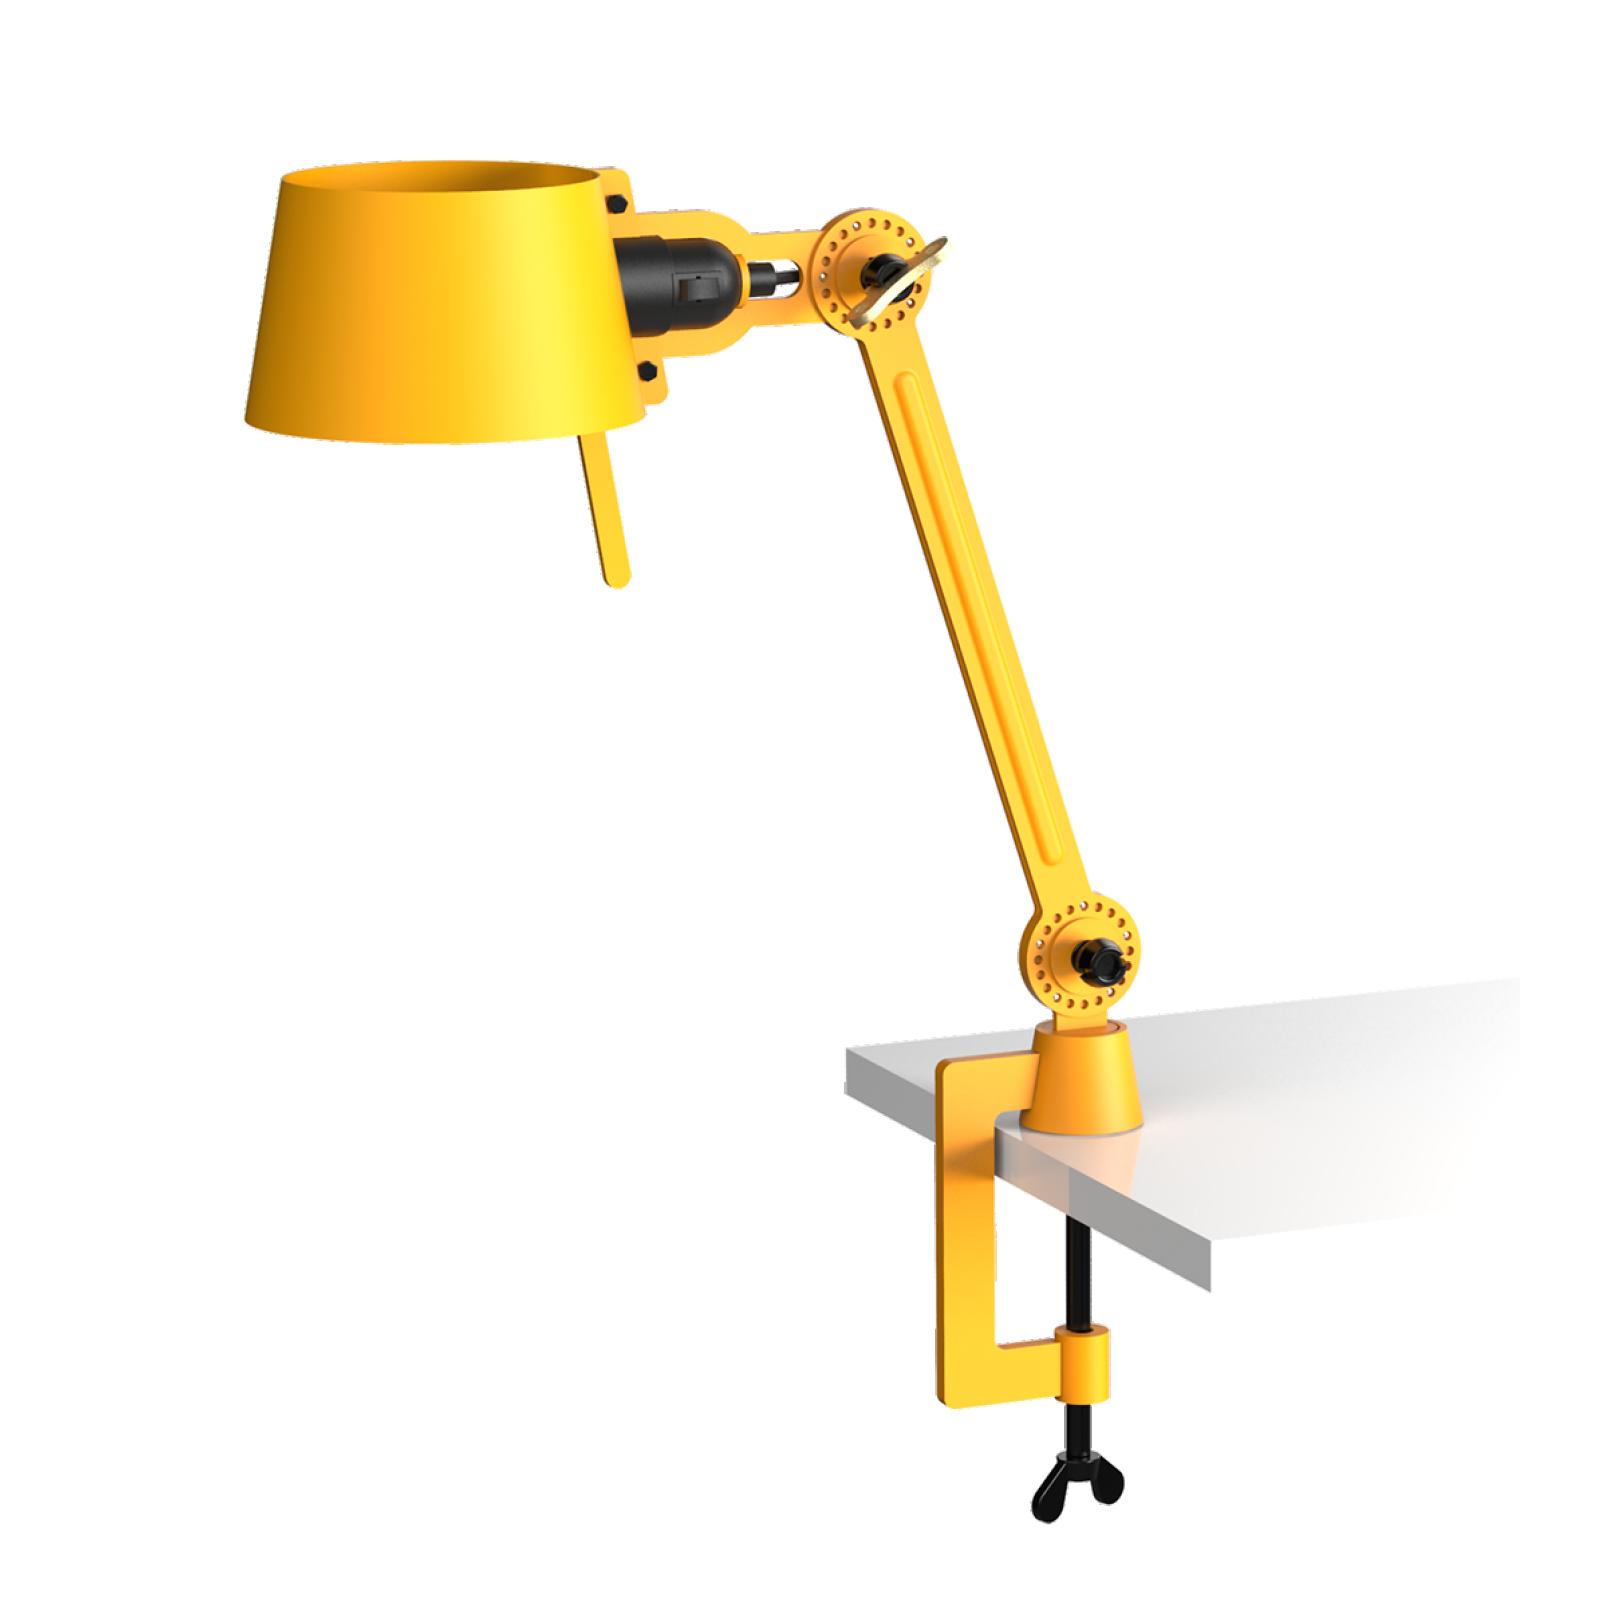 BOLT DESK 1ARM SMALL CLAMP